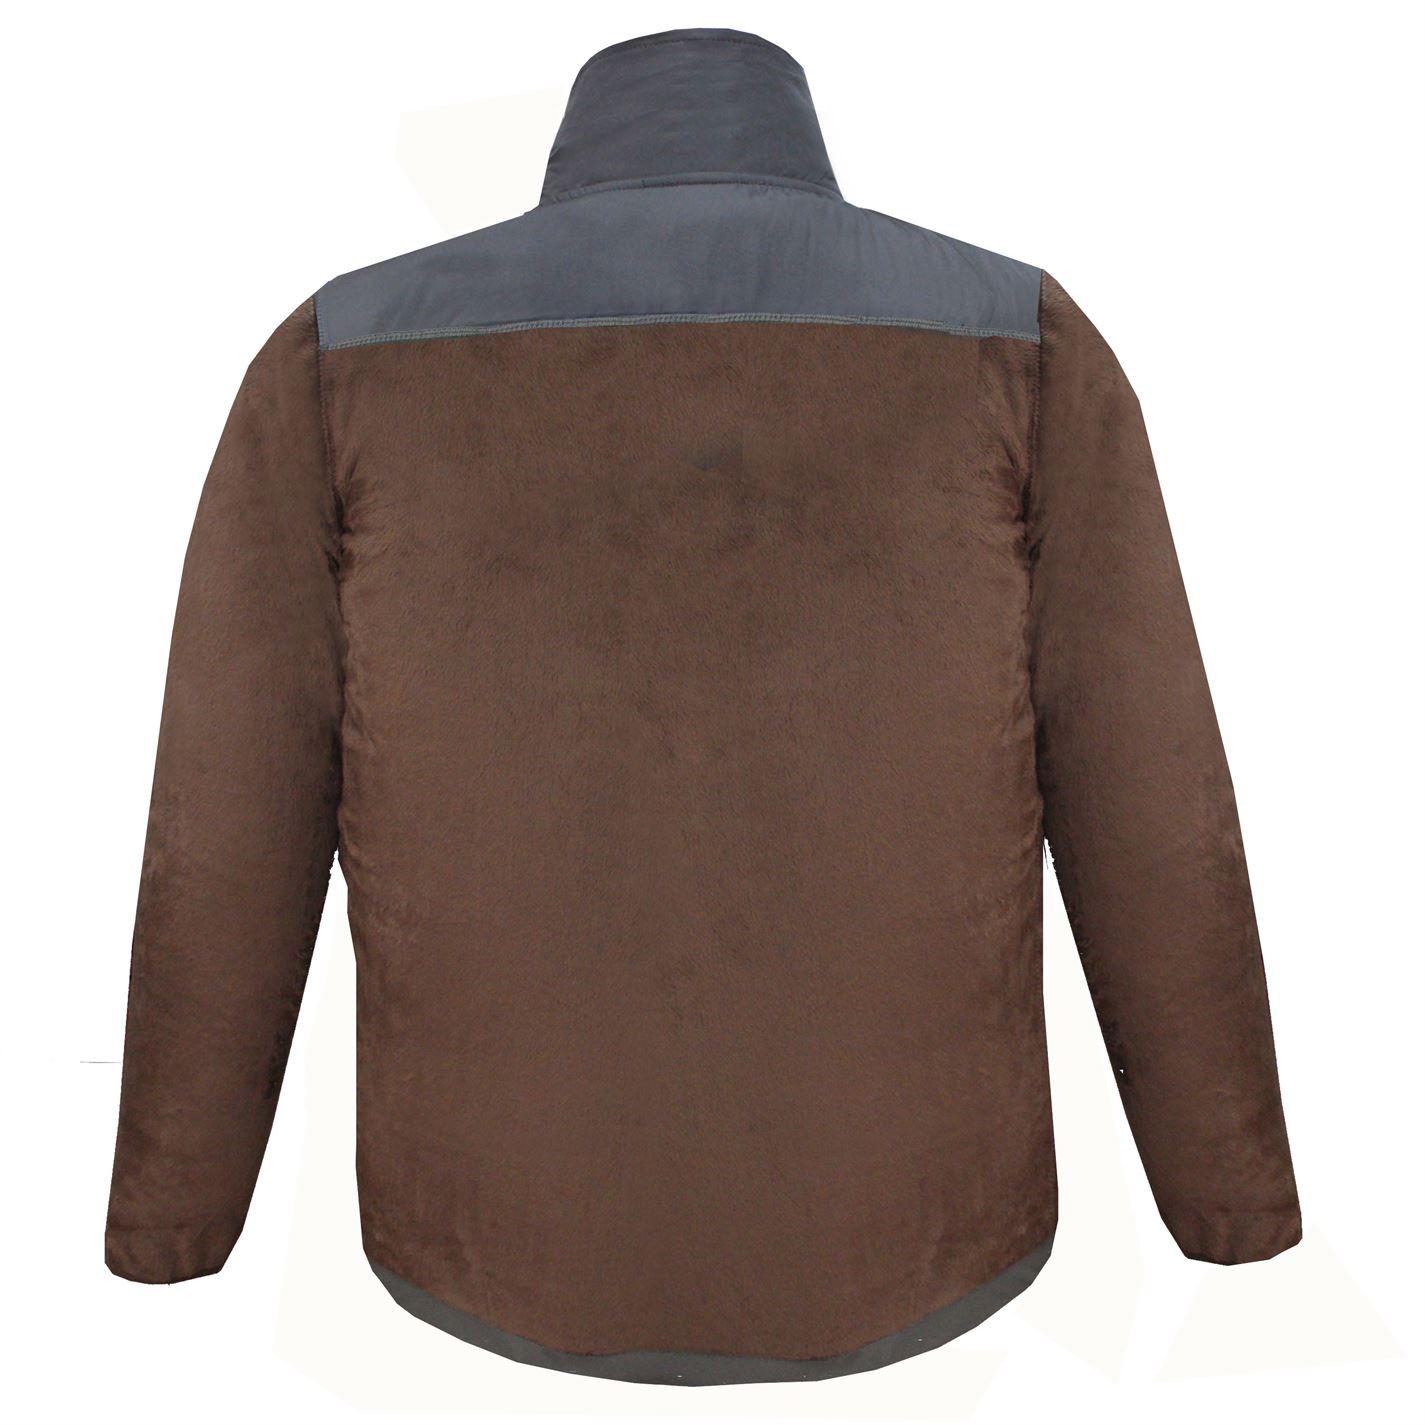 Lee-Cooper-Mens-Teddy-Fleece-Jacket-Full-Zip-Top-Coat-Sweatshirt-Jumper-Warm thumbnail 14